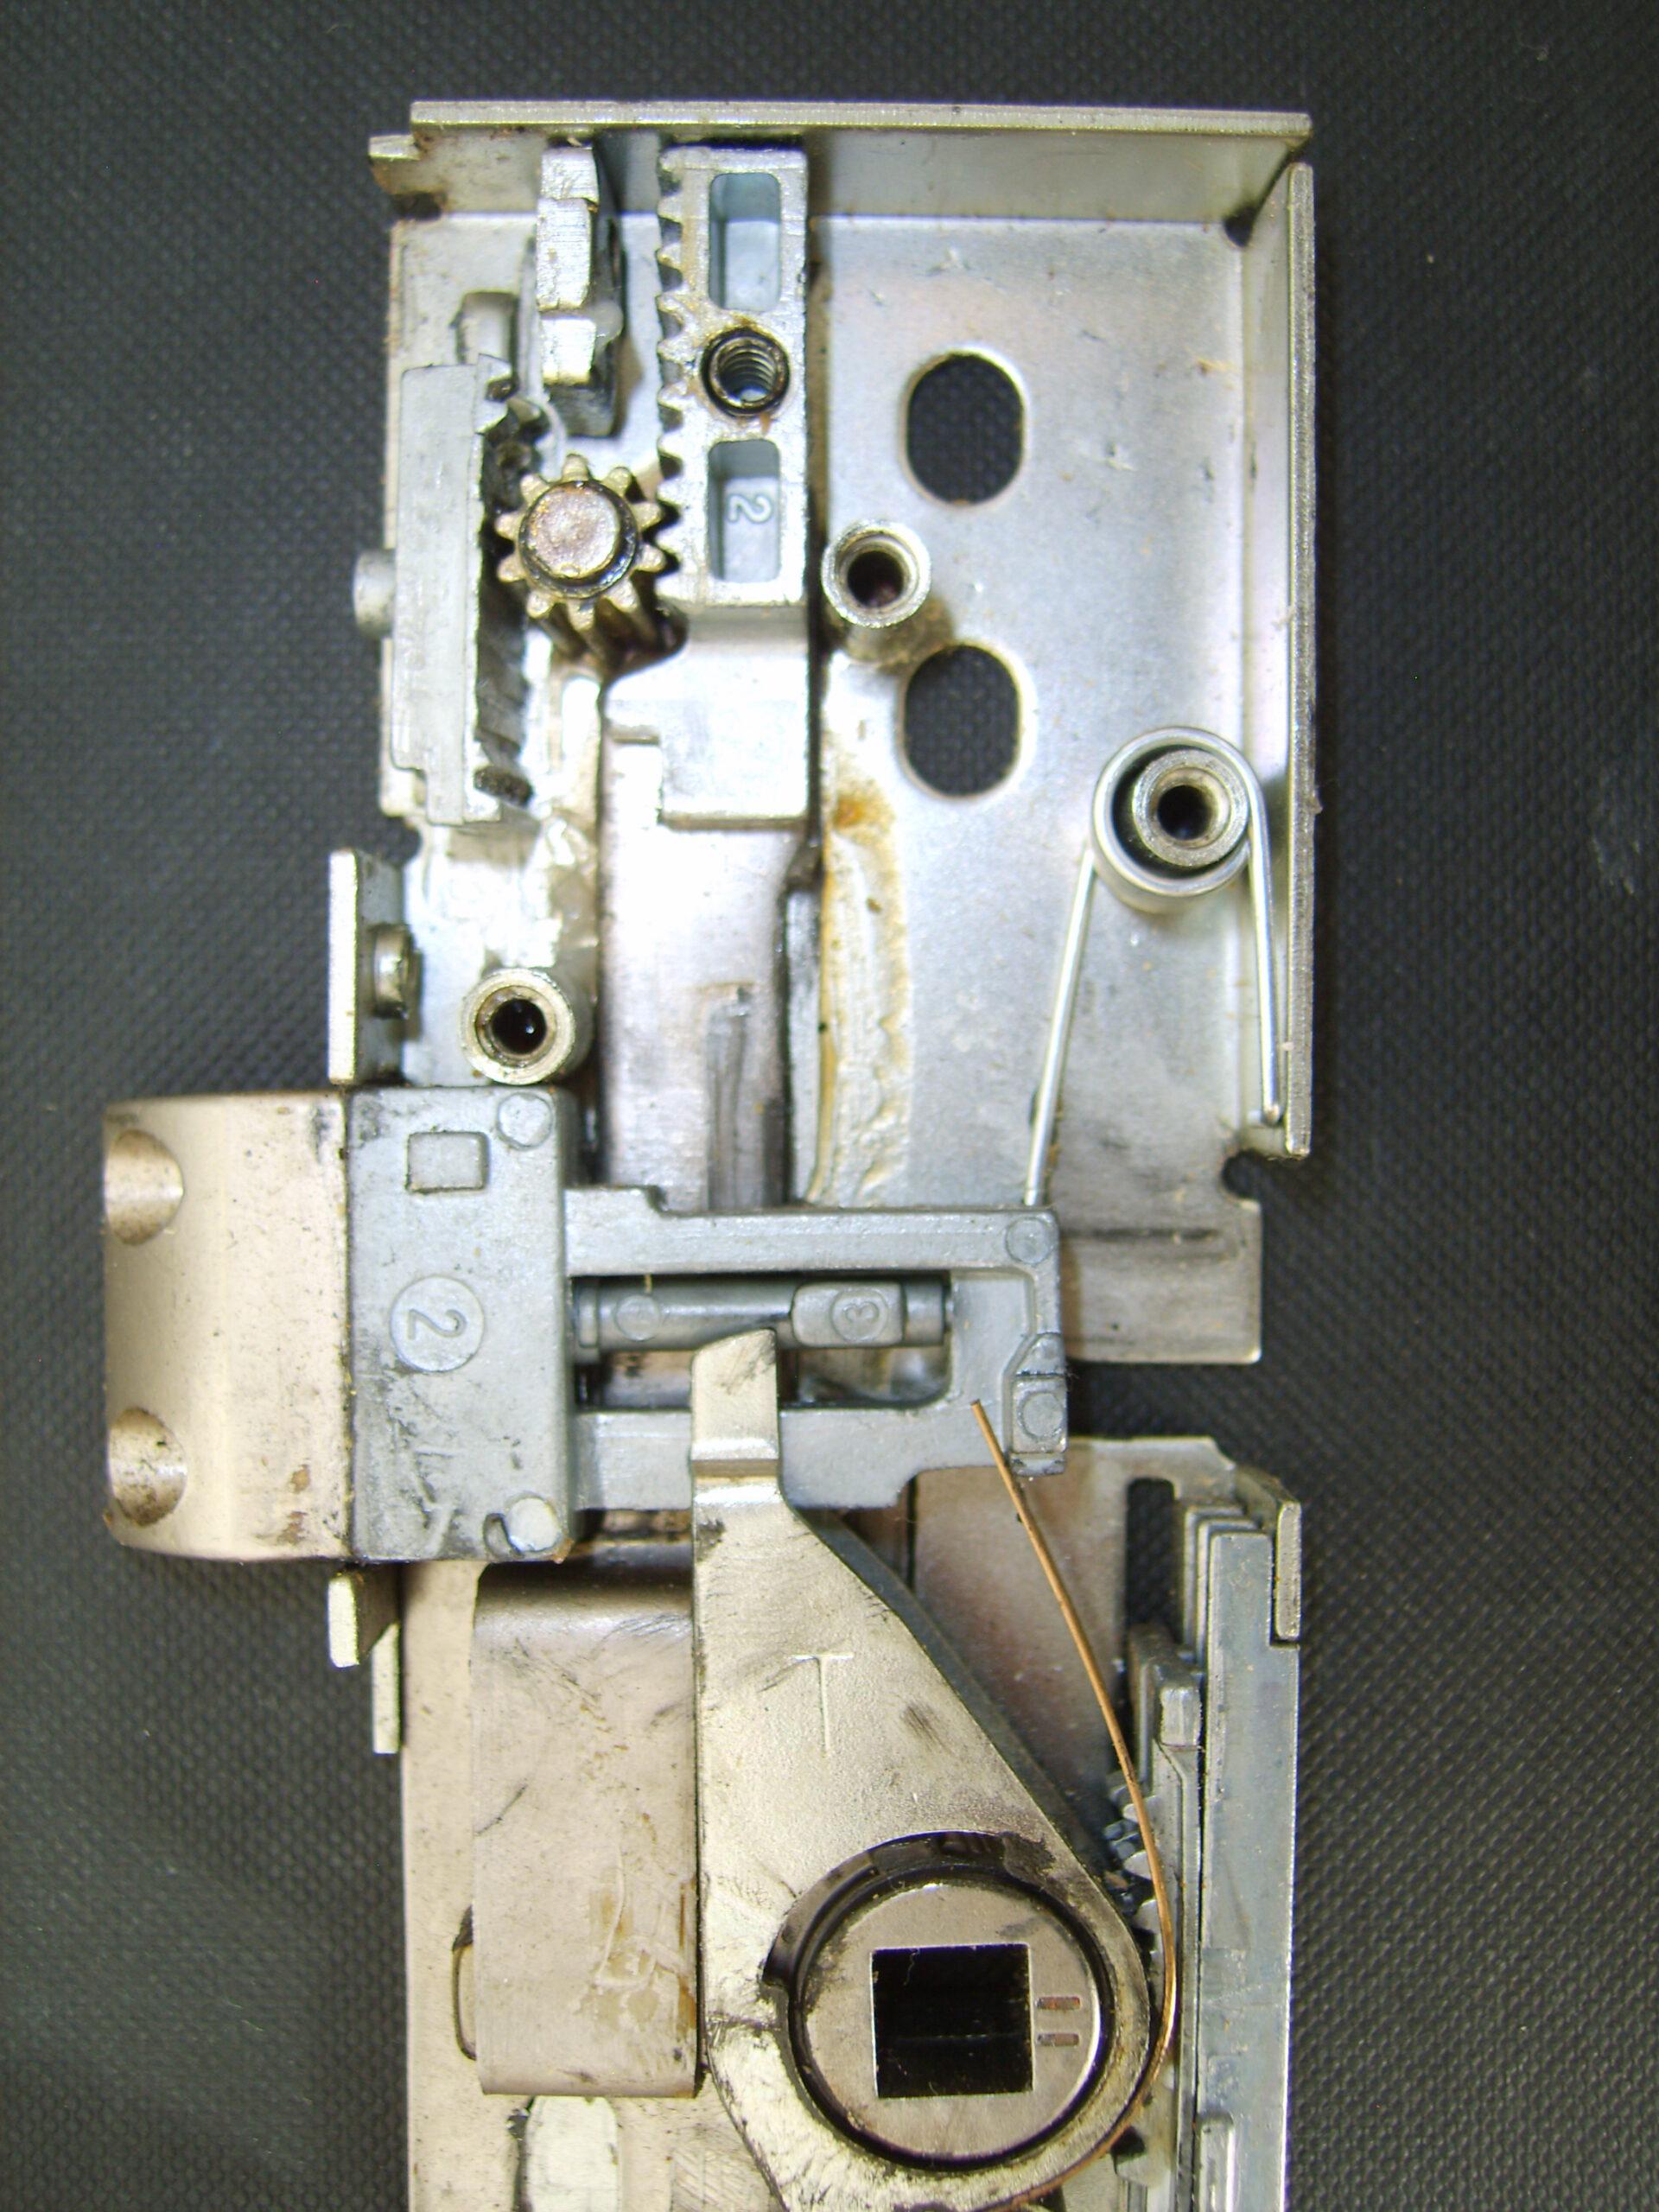 uPVC door repairs in Barnet. Broken Gearbox.Replacement necessary.